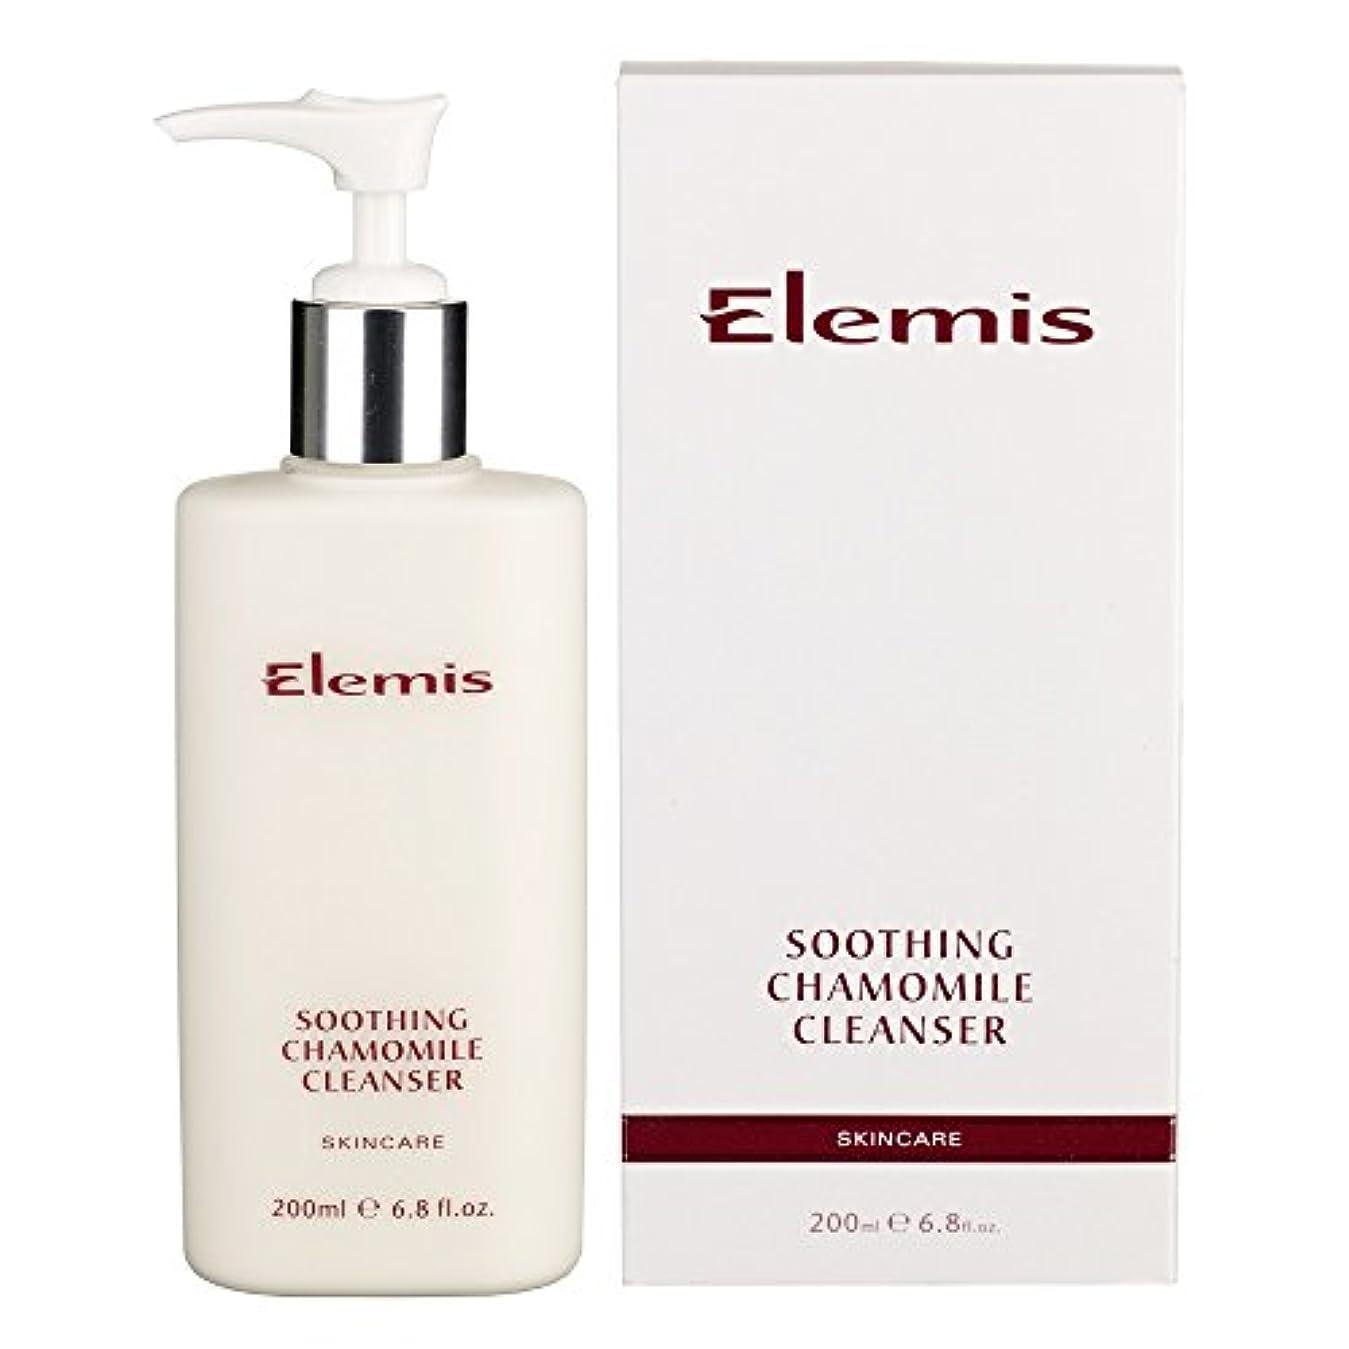 すぐにスパイラル大きいエレミスはカモミールクレンザーをなだめるスキンケア (Elemis) (x6) - Elemis Skincare Soothing Chamomile Cleanser (Pack of 6) [並行輸入品]